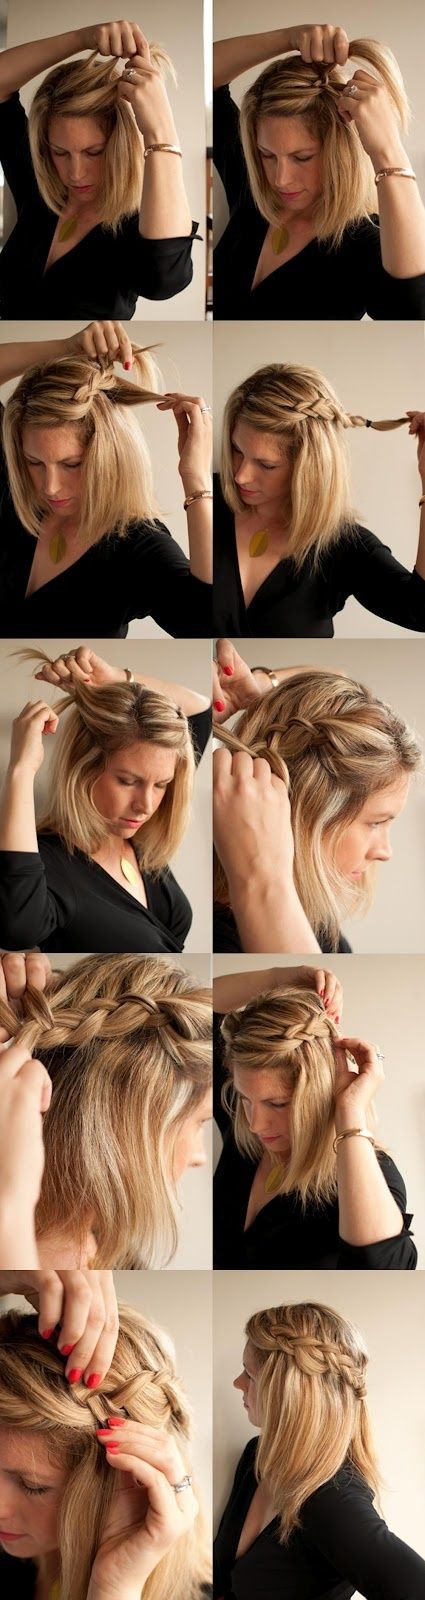 Trança Lateral, fica ótima em cabelos mais claros! #FicaDica